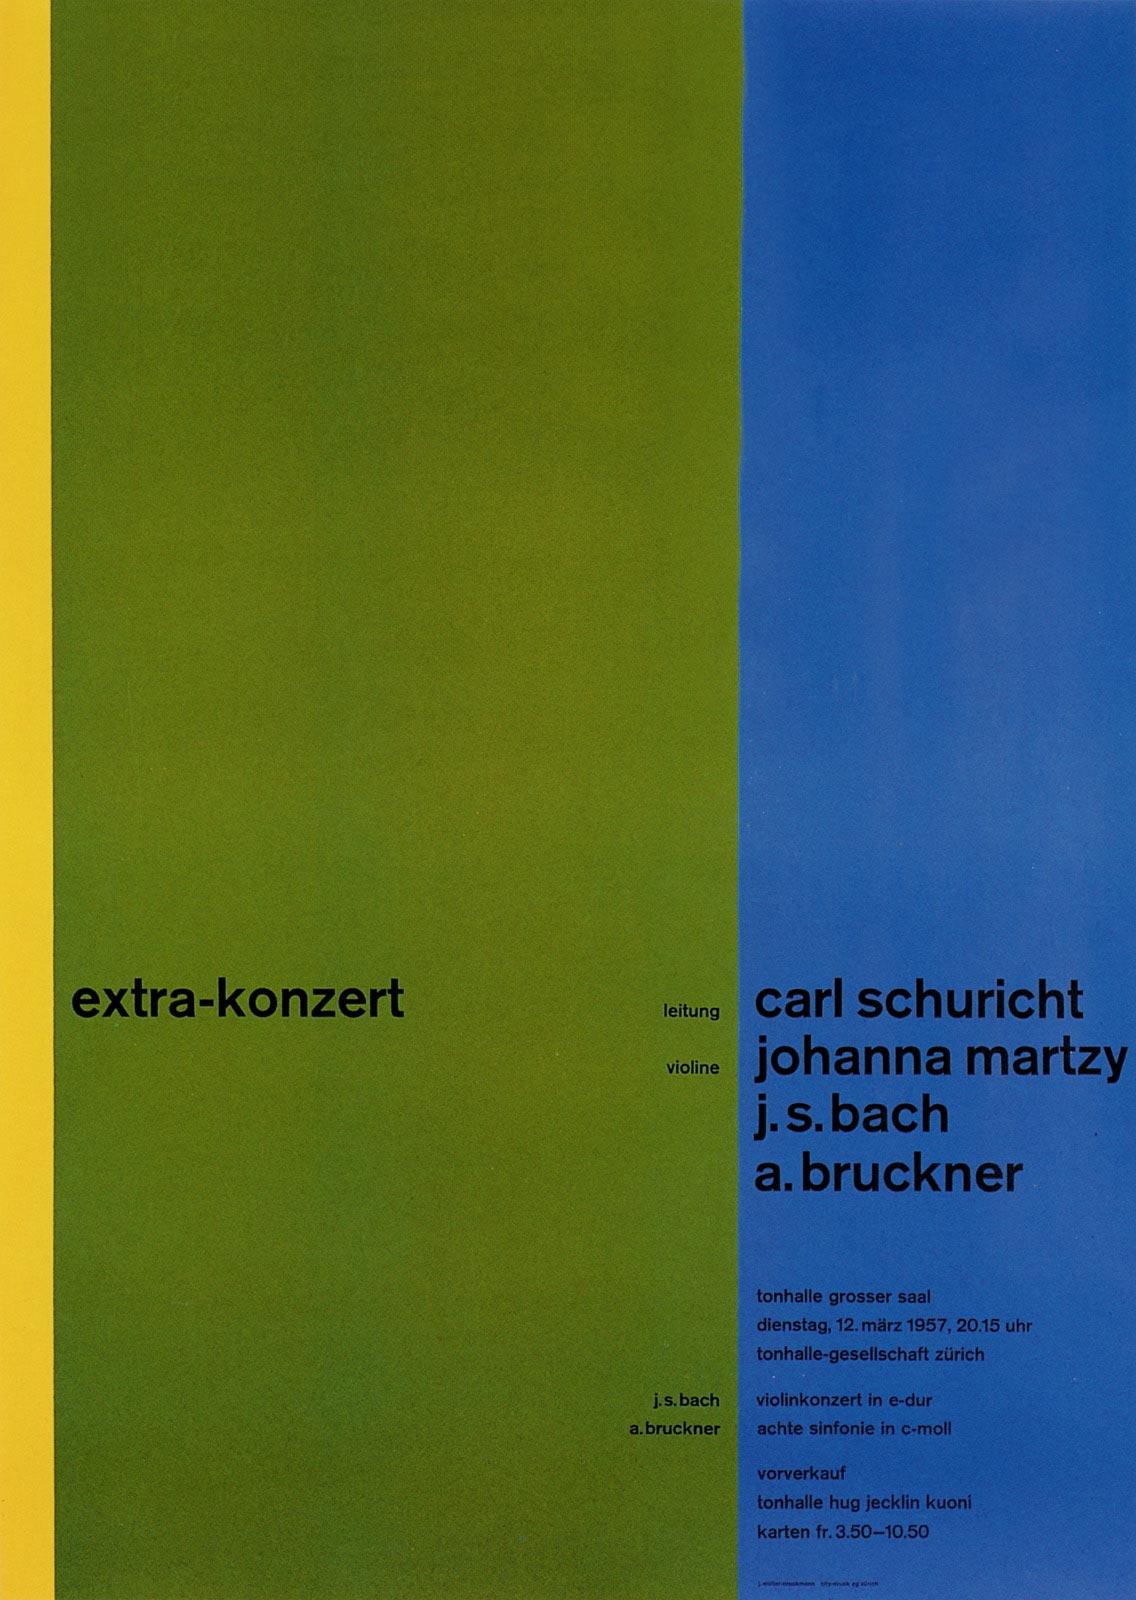 11. Zurich Tonhalle. Concert poster, 1958